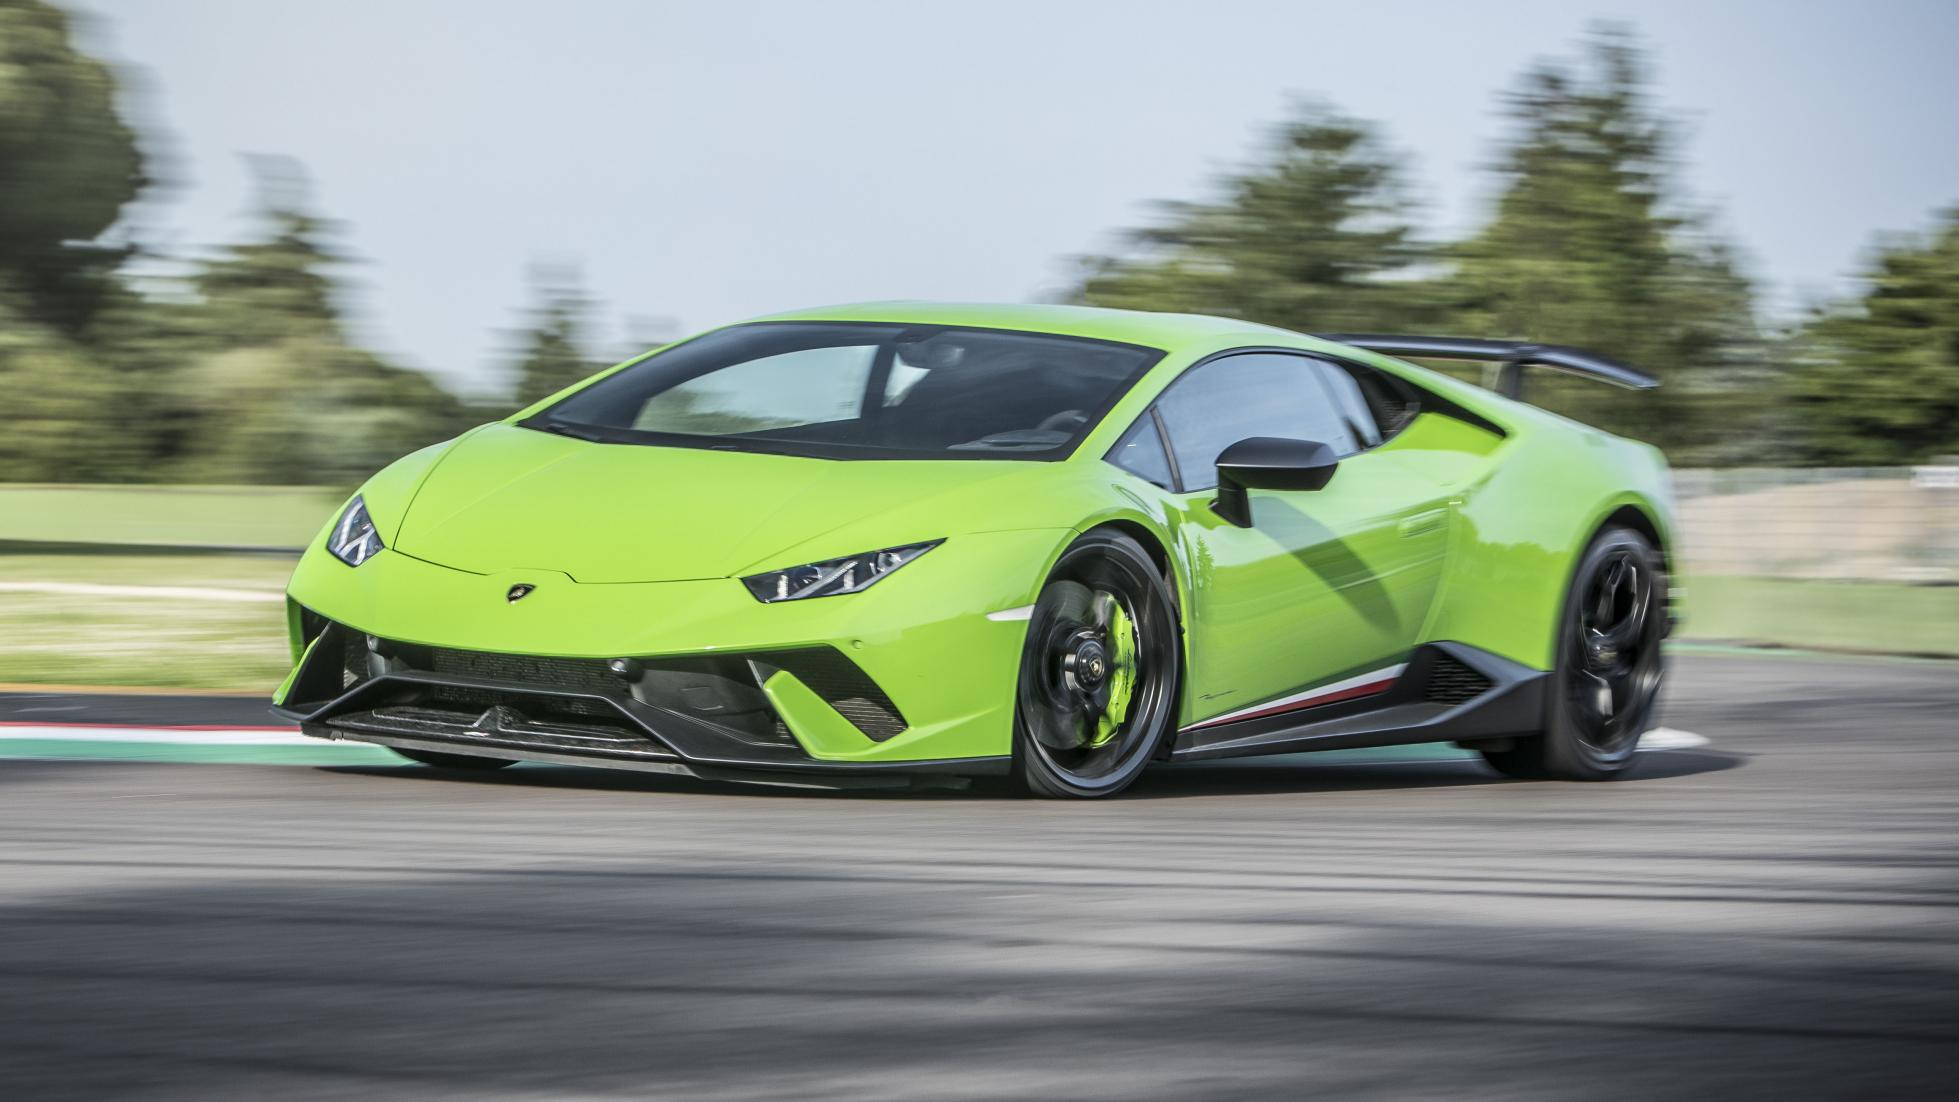 Tg S Lamborghini Huracan Performante Review